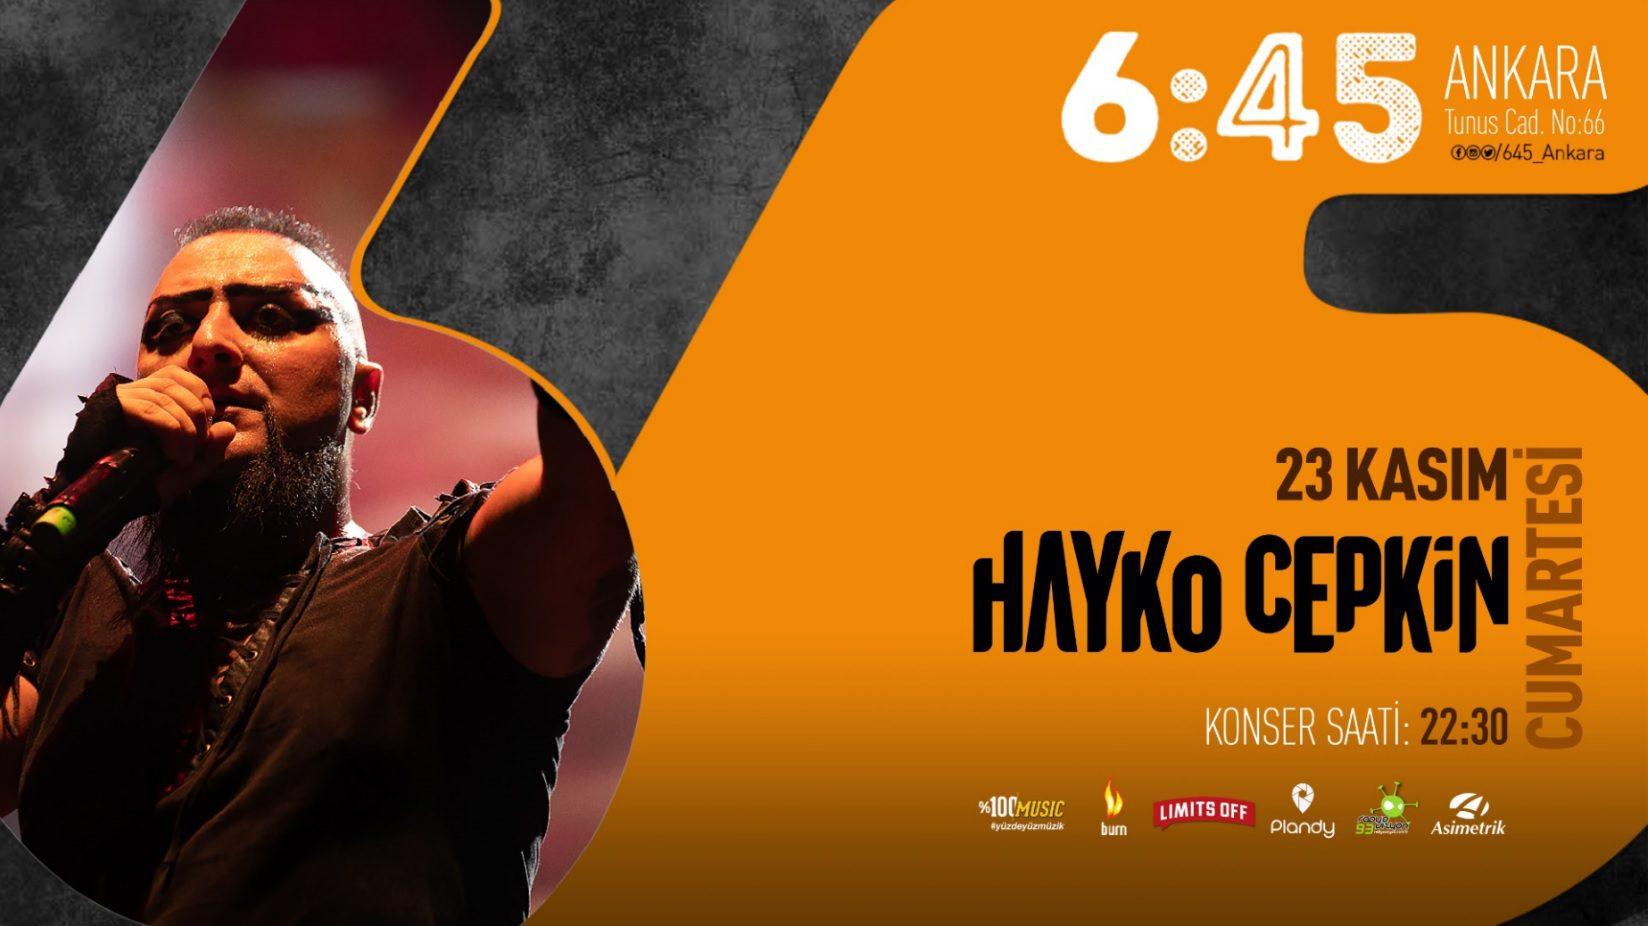 Hayko Cepkin | 6:45 Ankara